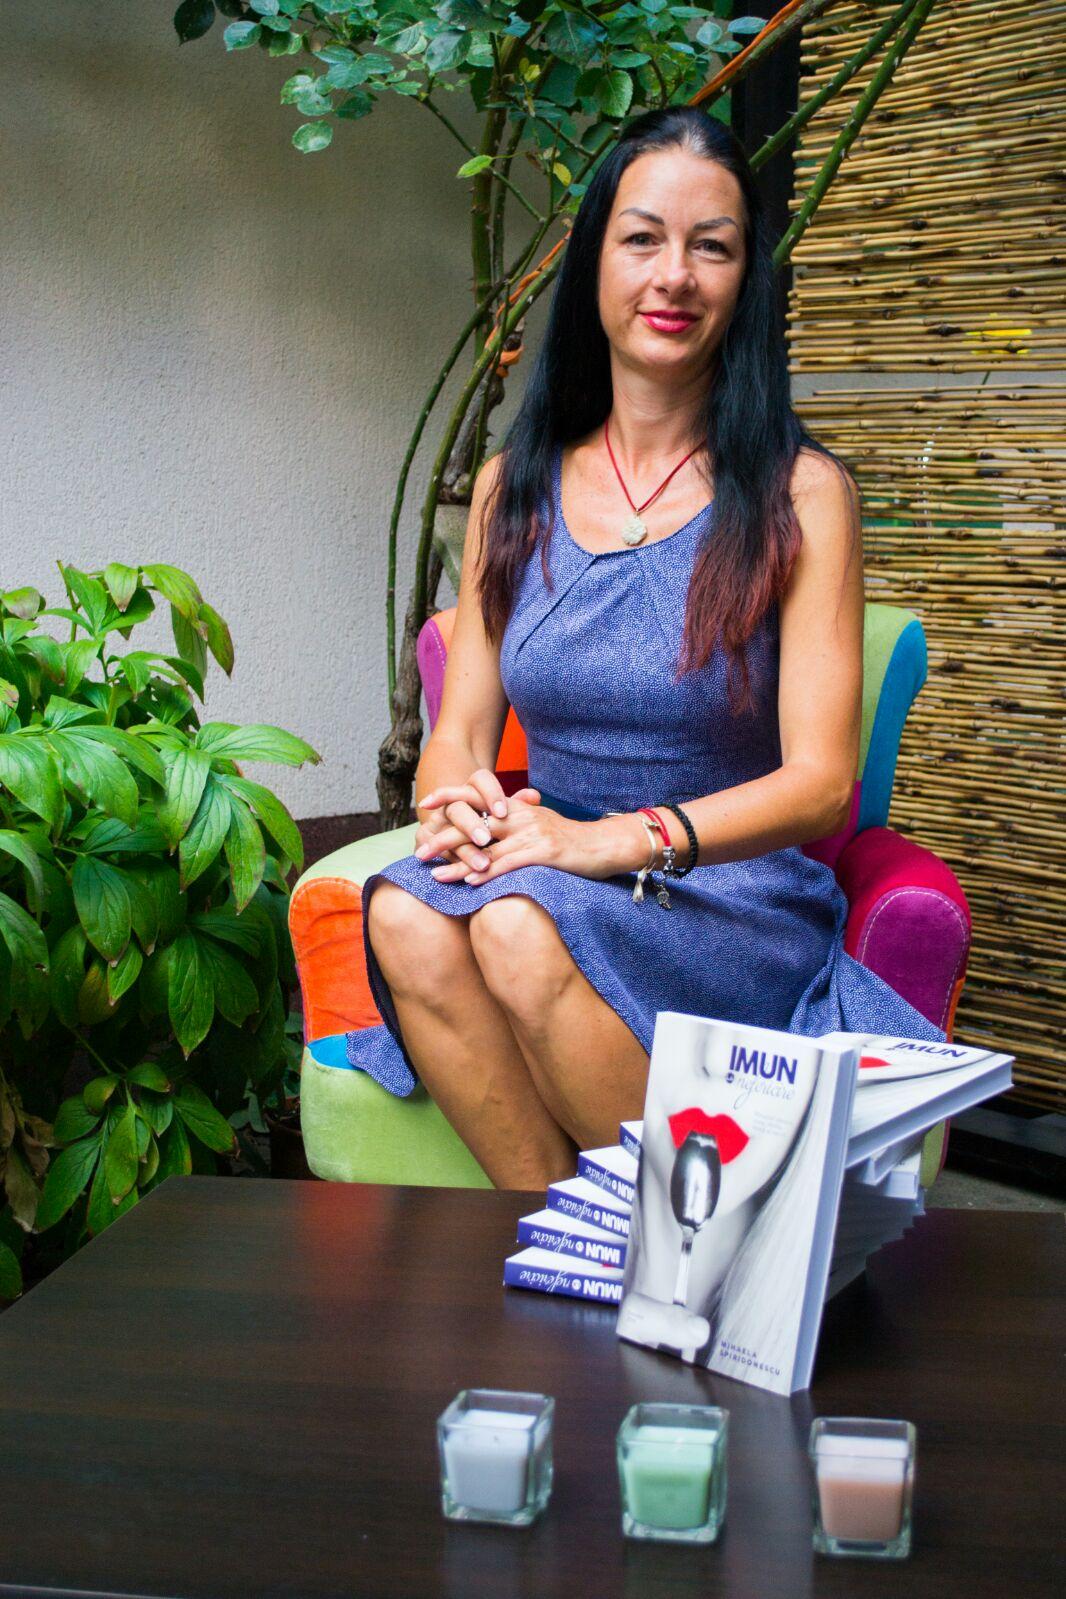 Prezentare de carte Imun la nefericire de Mihaela Spiridonescu in cadrul lansarii noului sediu